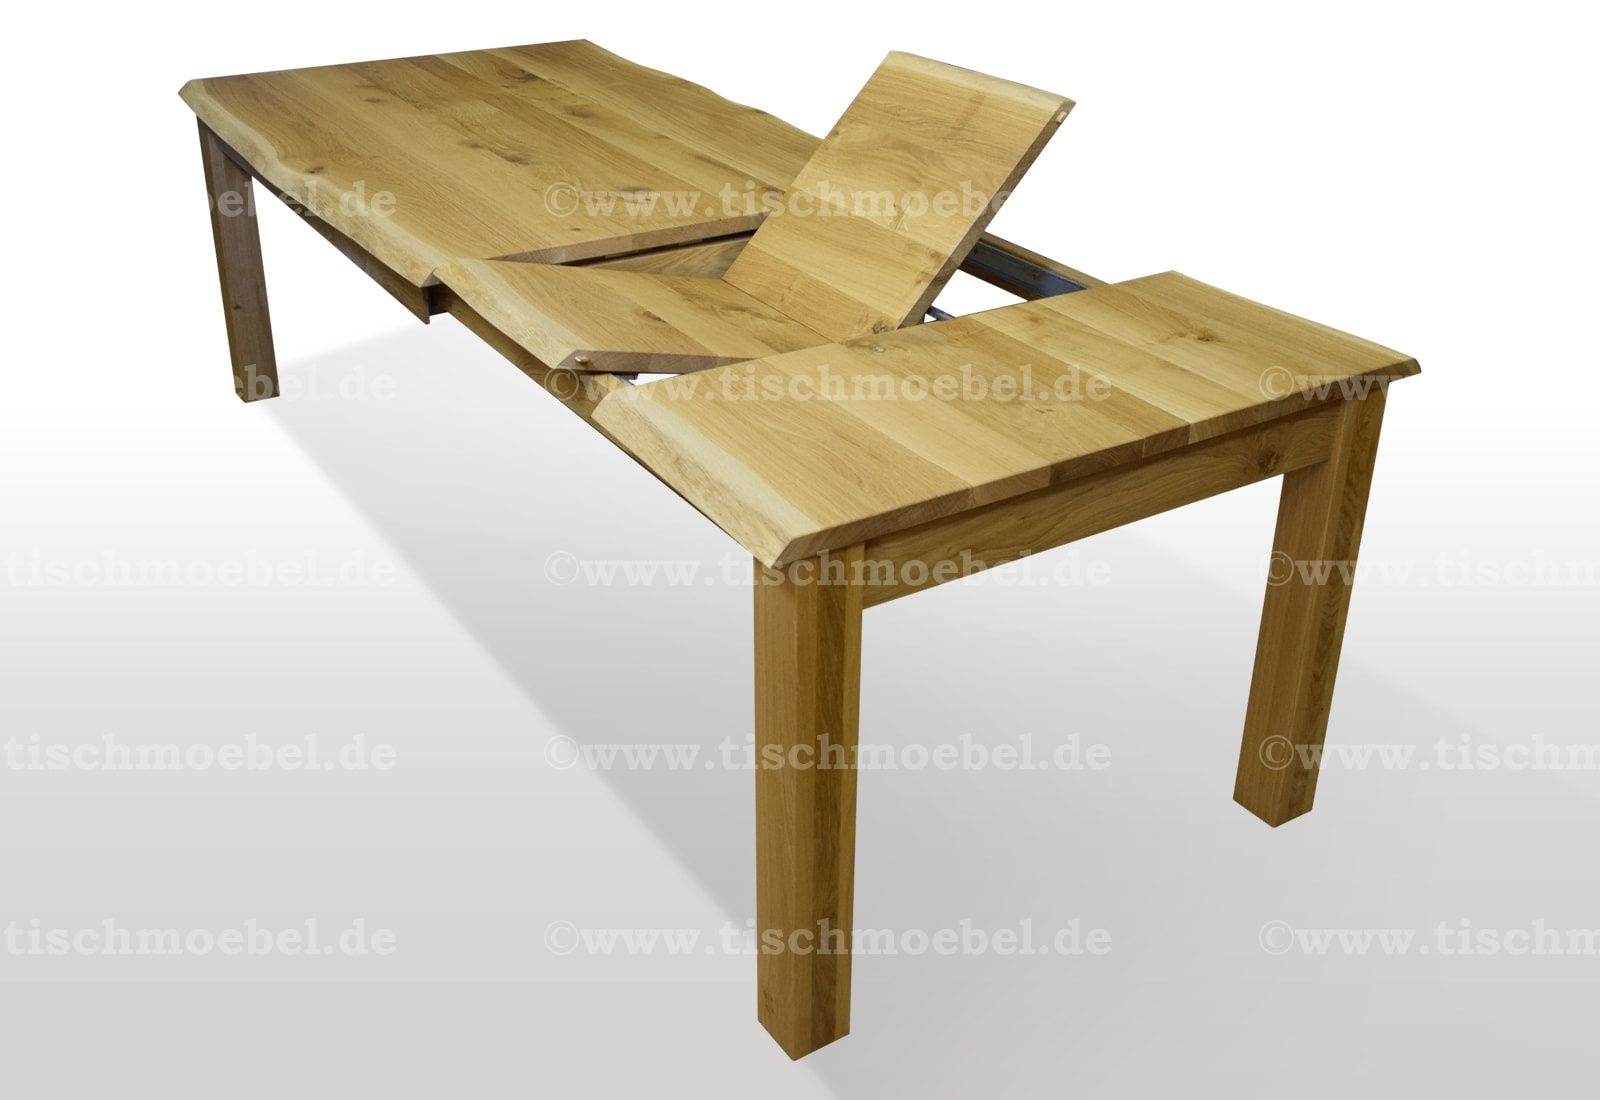 Tisch mit Naturkante hier mit Kopfkulissenauszug und